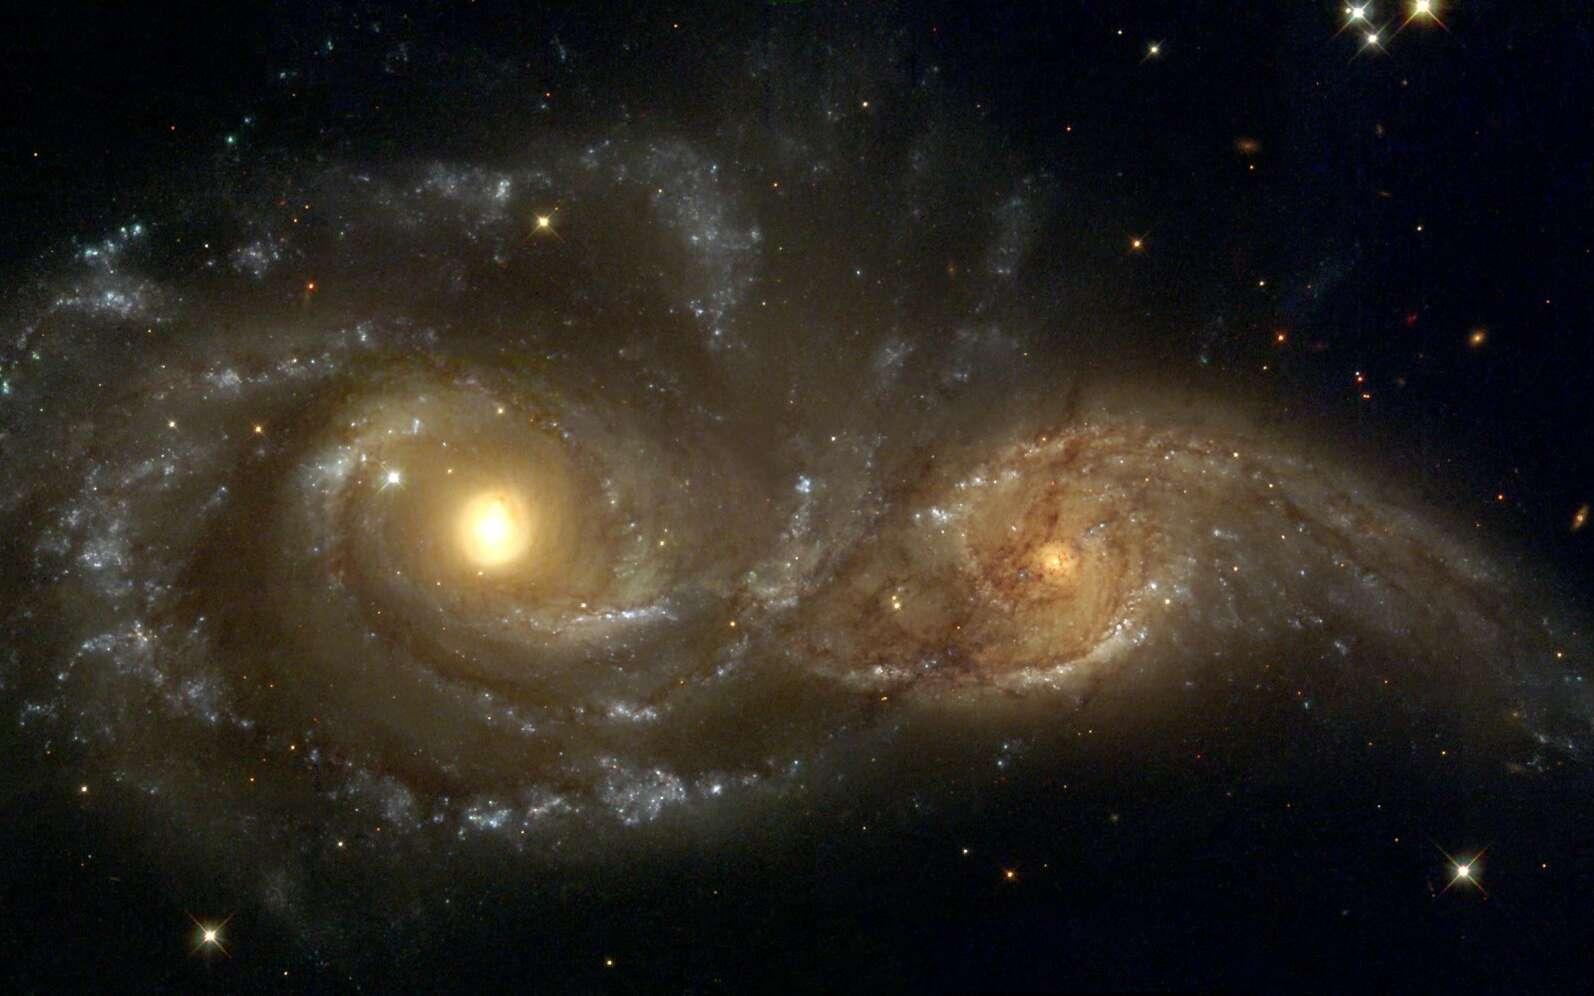 L'archéologie galactique révèle le passé de la Voie lactée, notamment ses collisions. Image obtenue par le télescope spatial Hubble montrant les galaxies NGC 2207 et IC 2163 en interaction gravitationnelle. © Nasa